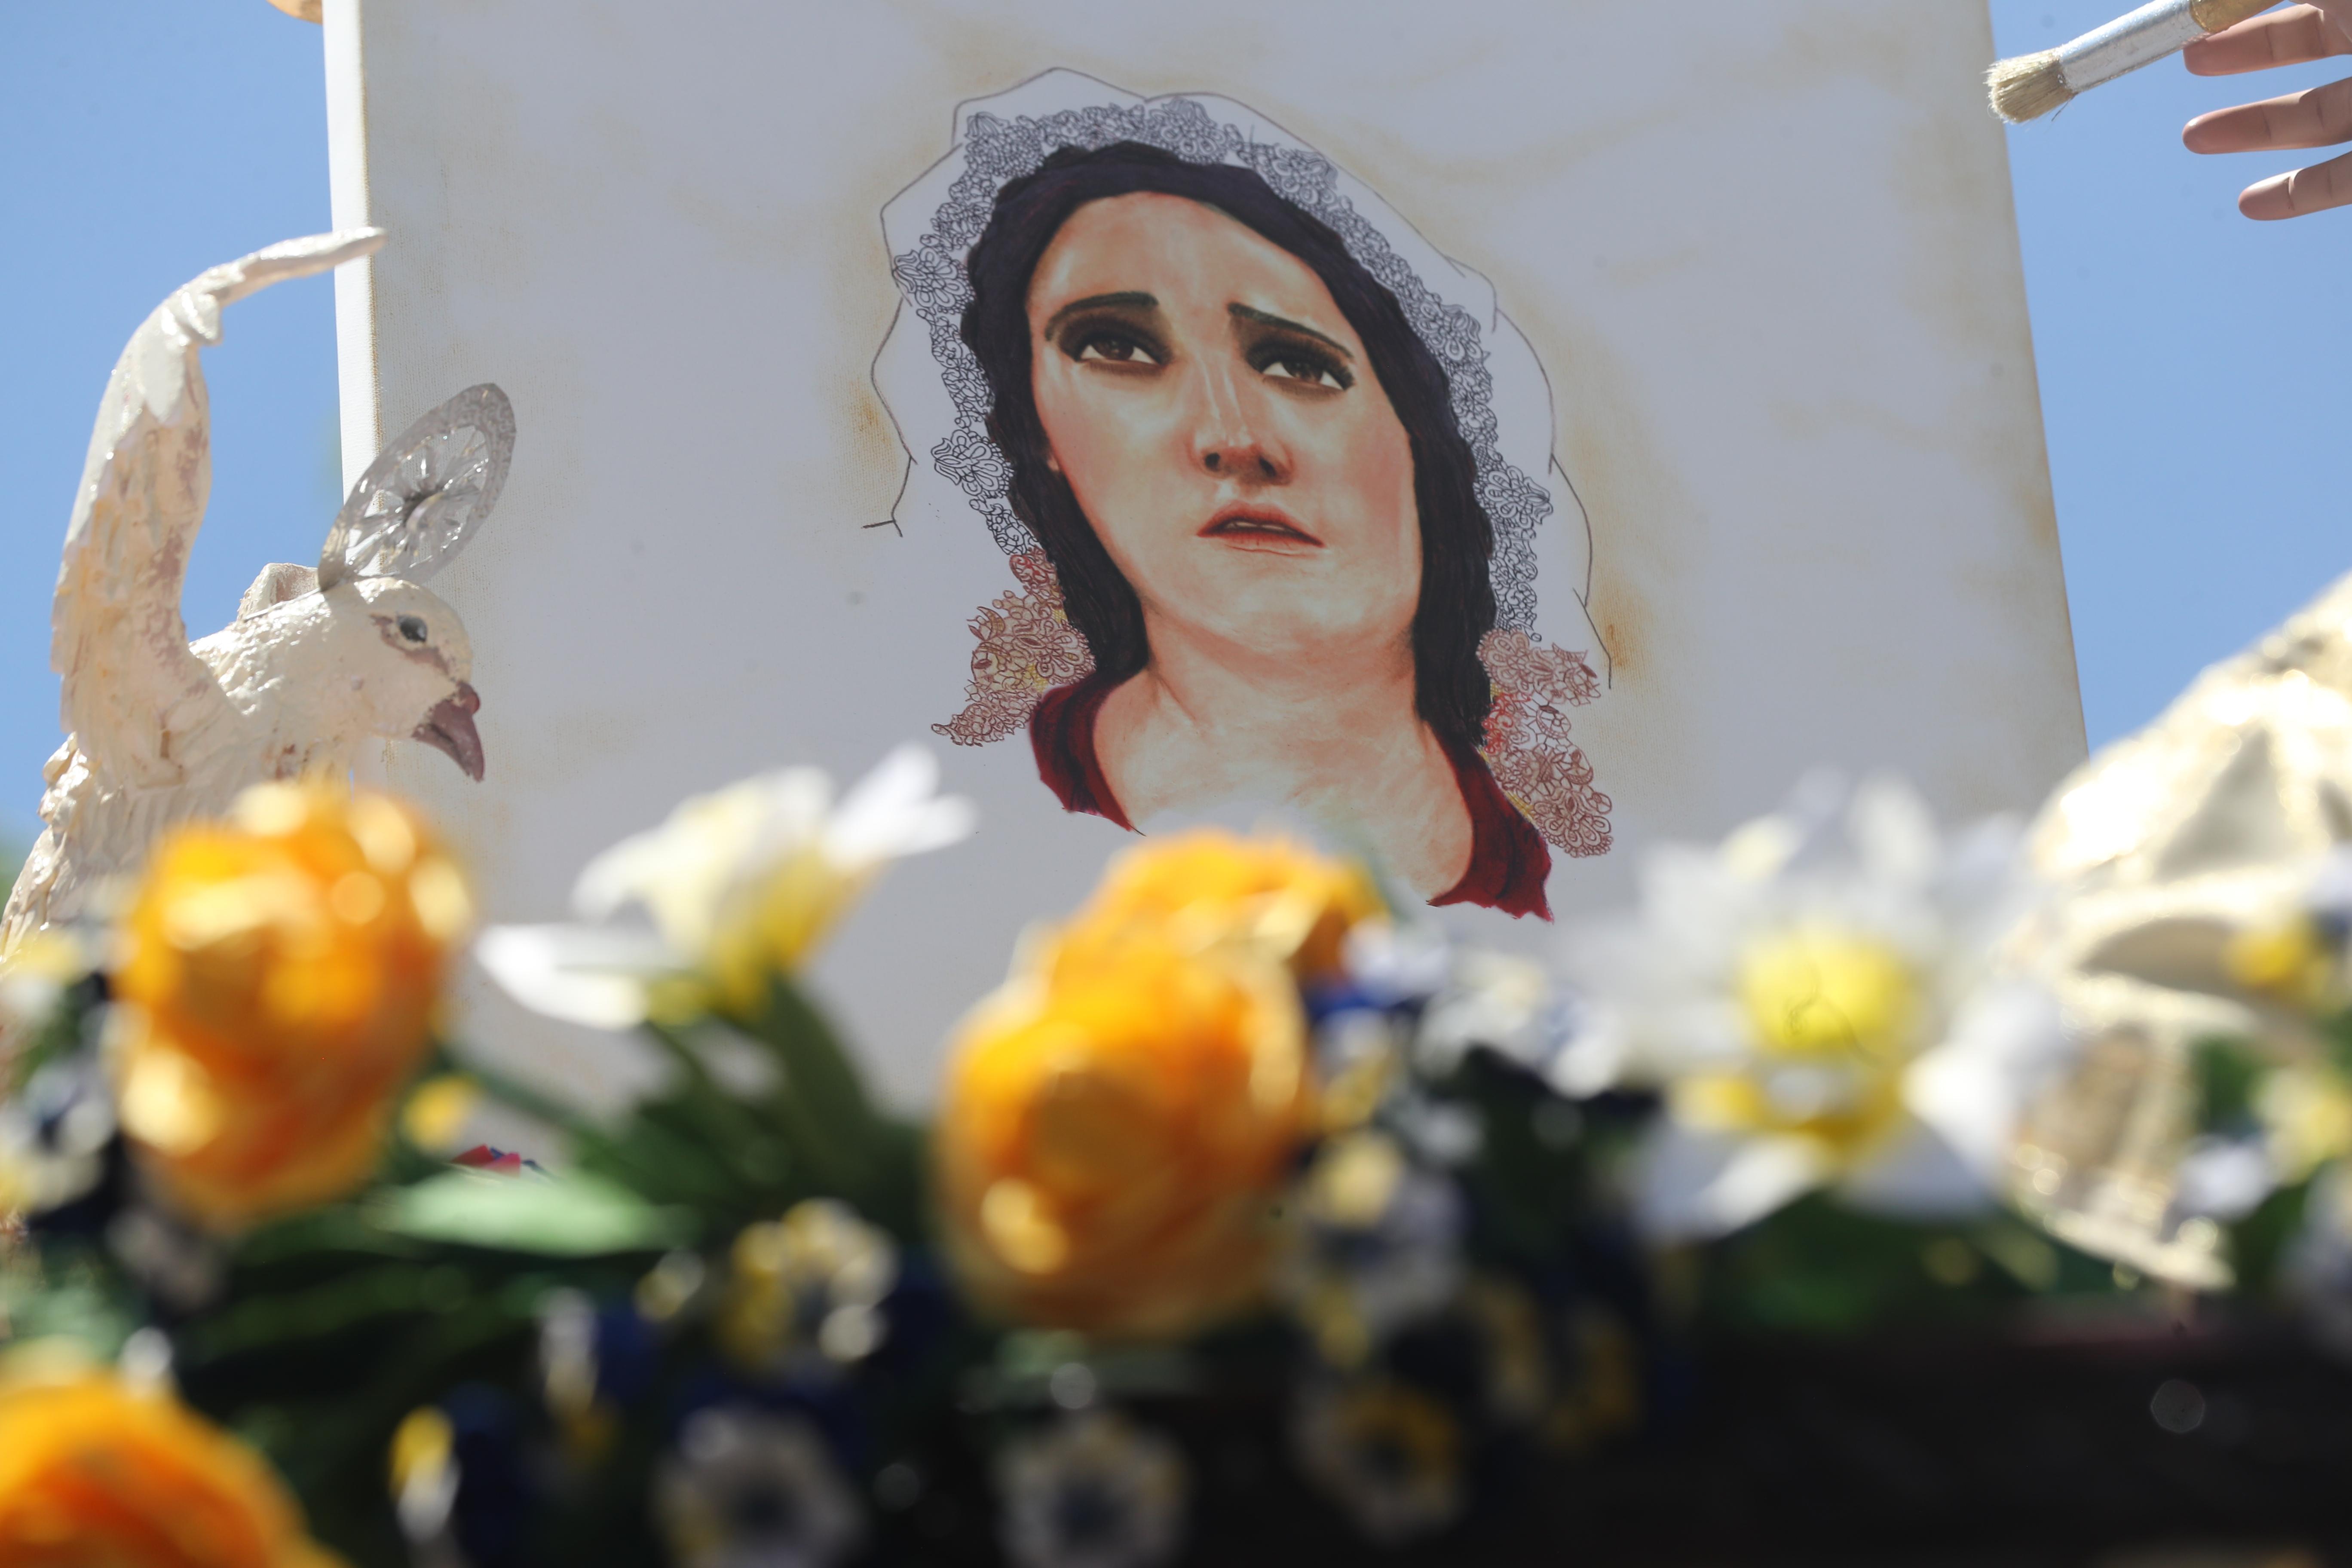 Dentro del adorno de la Santísima Virgen de Dolores hay un cuadro con su rostro.